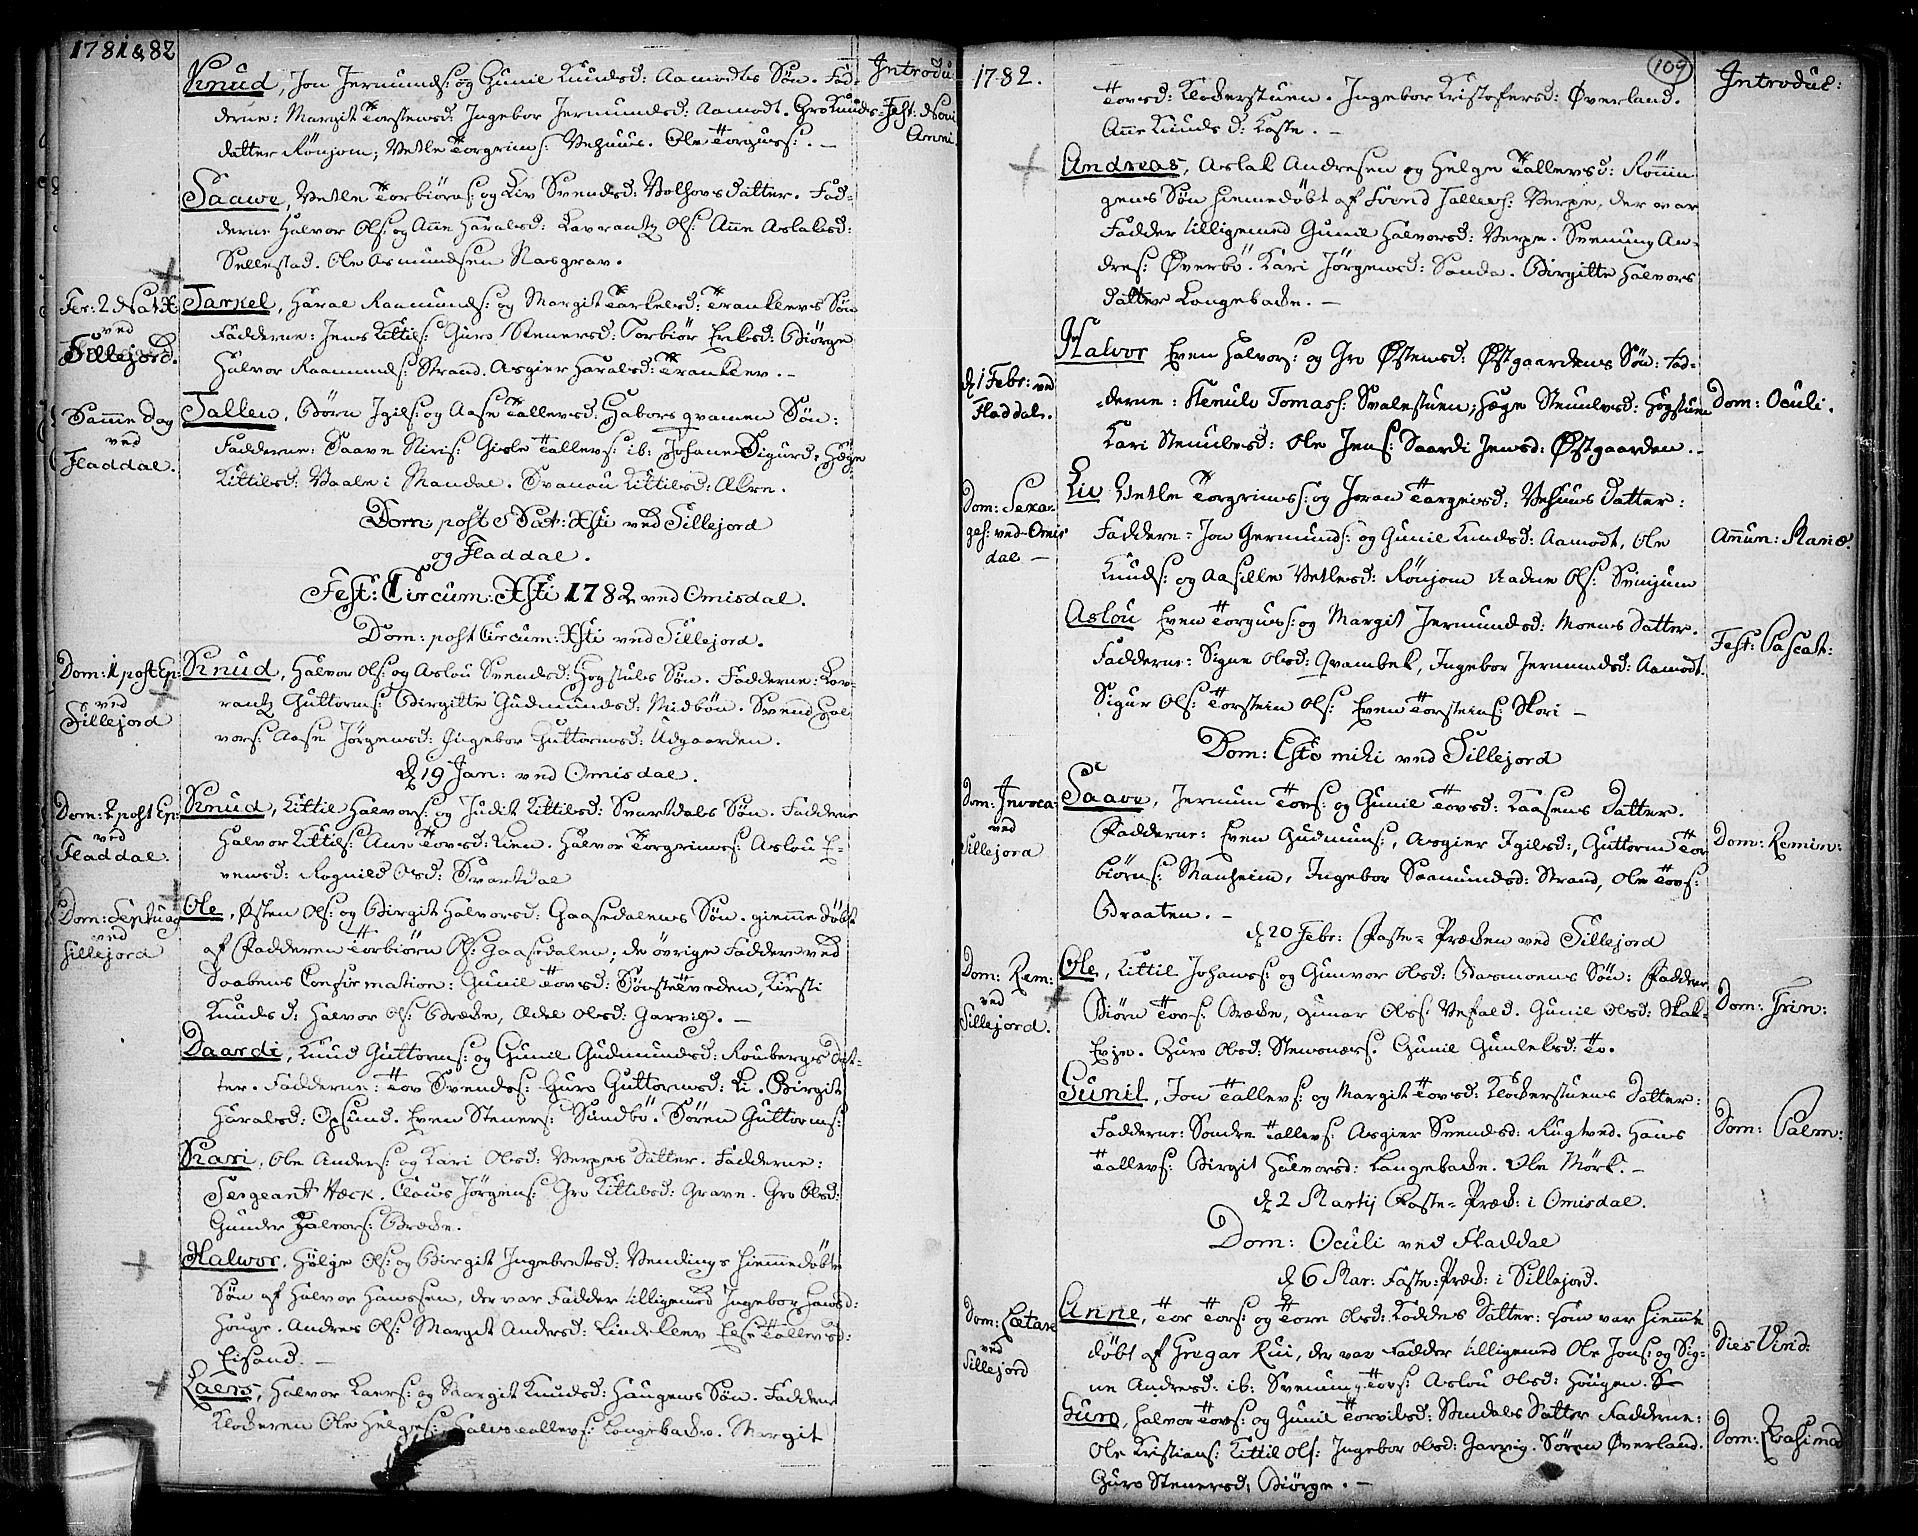 SAKO, Seljord kirkebøker, F/Fa/L0007: Ministerialbok nr. I 7, 1755-1800, s. 109